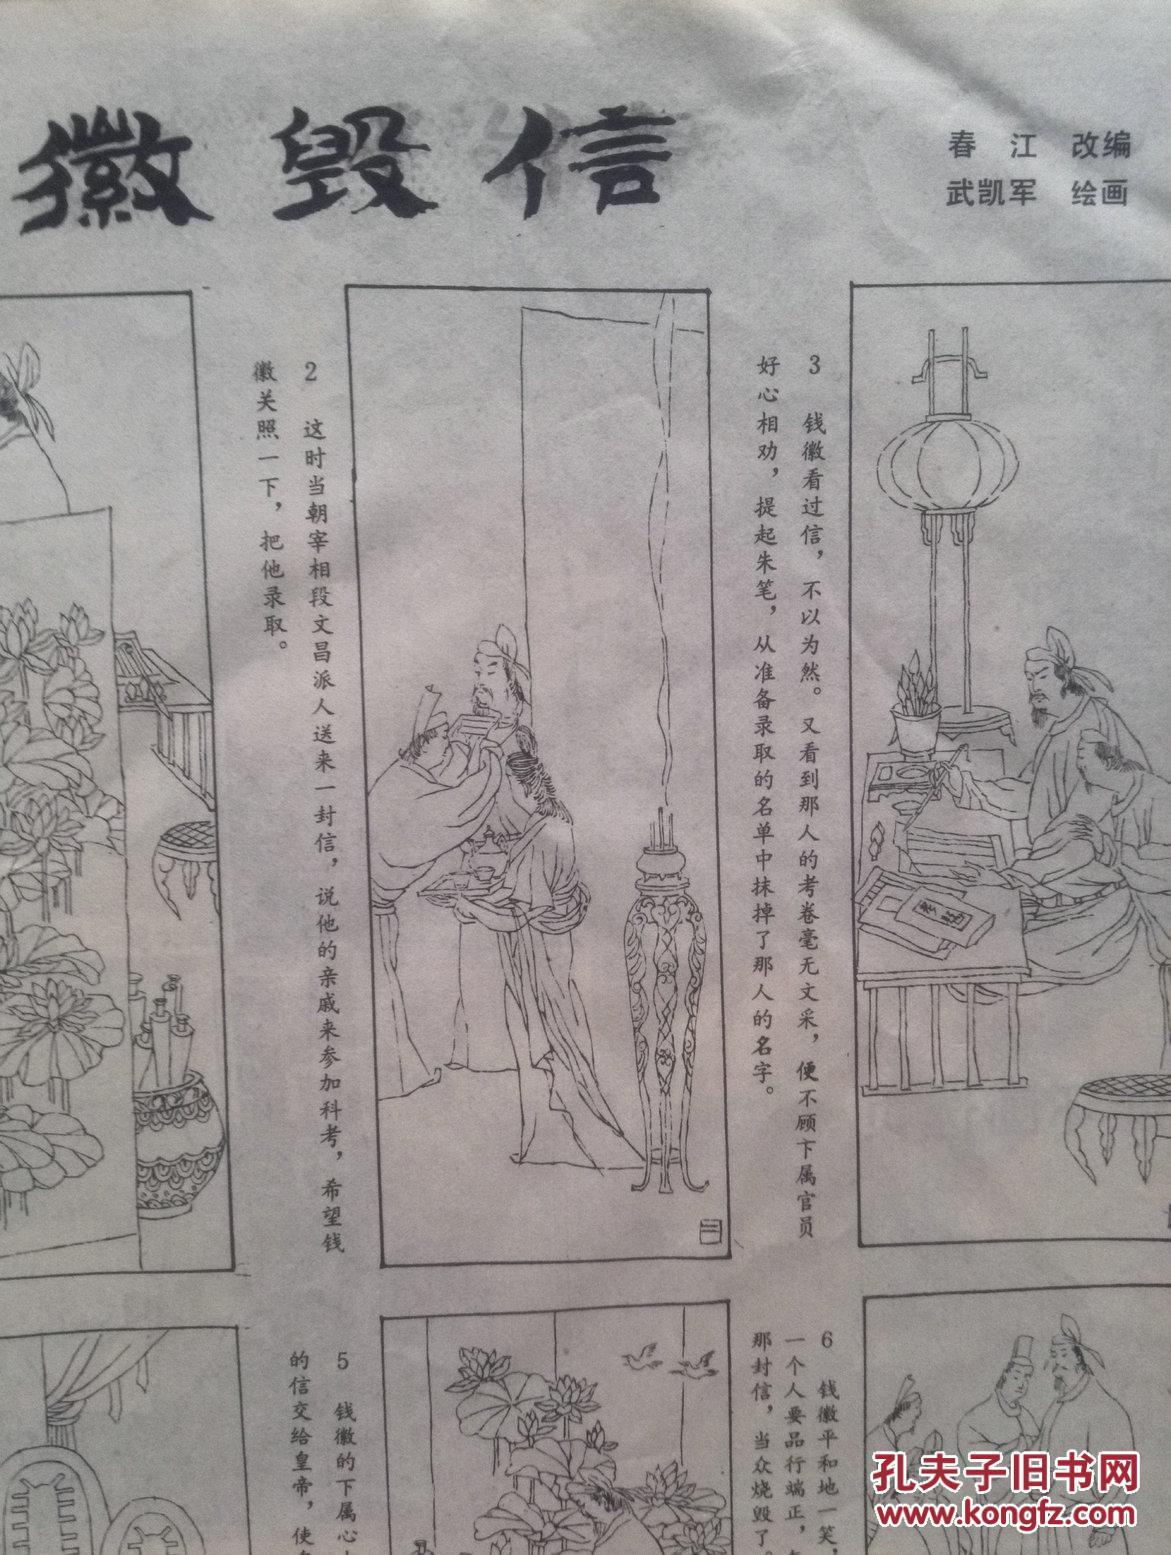 曹力军_宋慧民:人体艺术的新探索:孙为民,杨云飞,张元,谢东明,广军,曹力